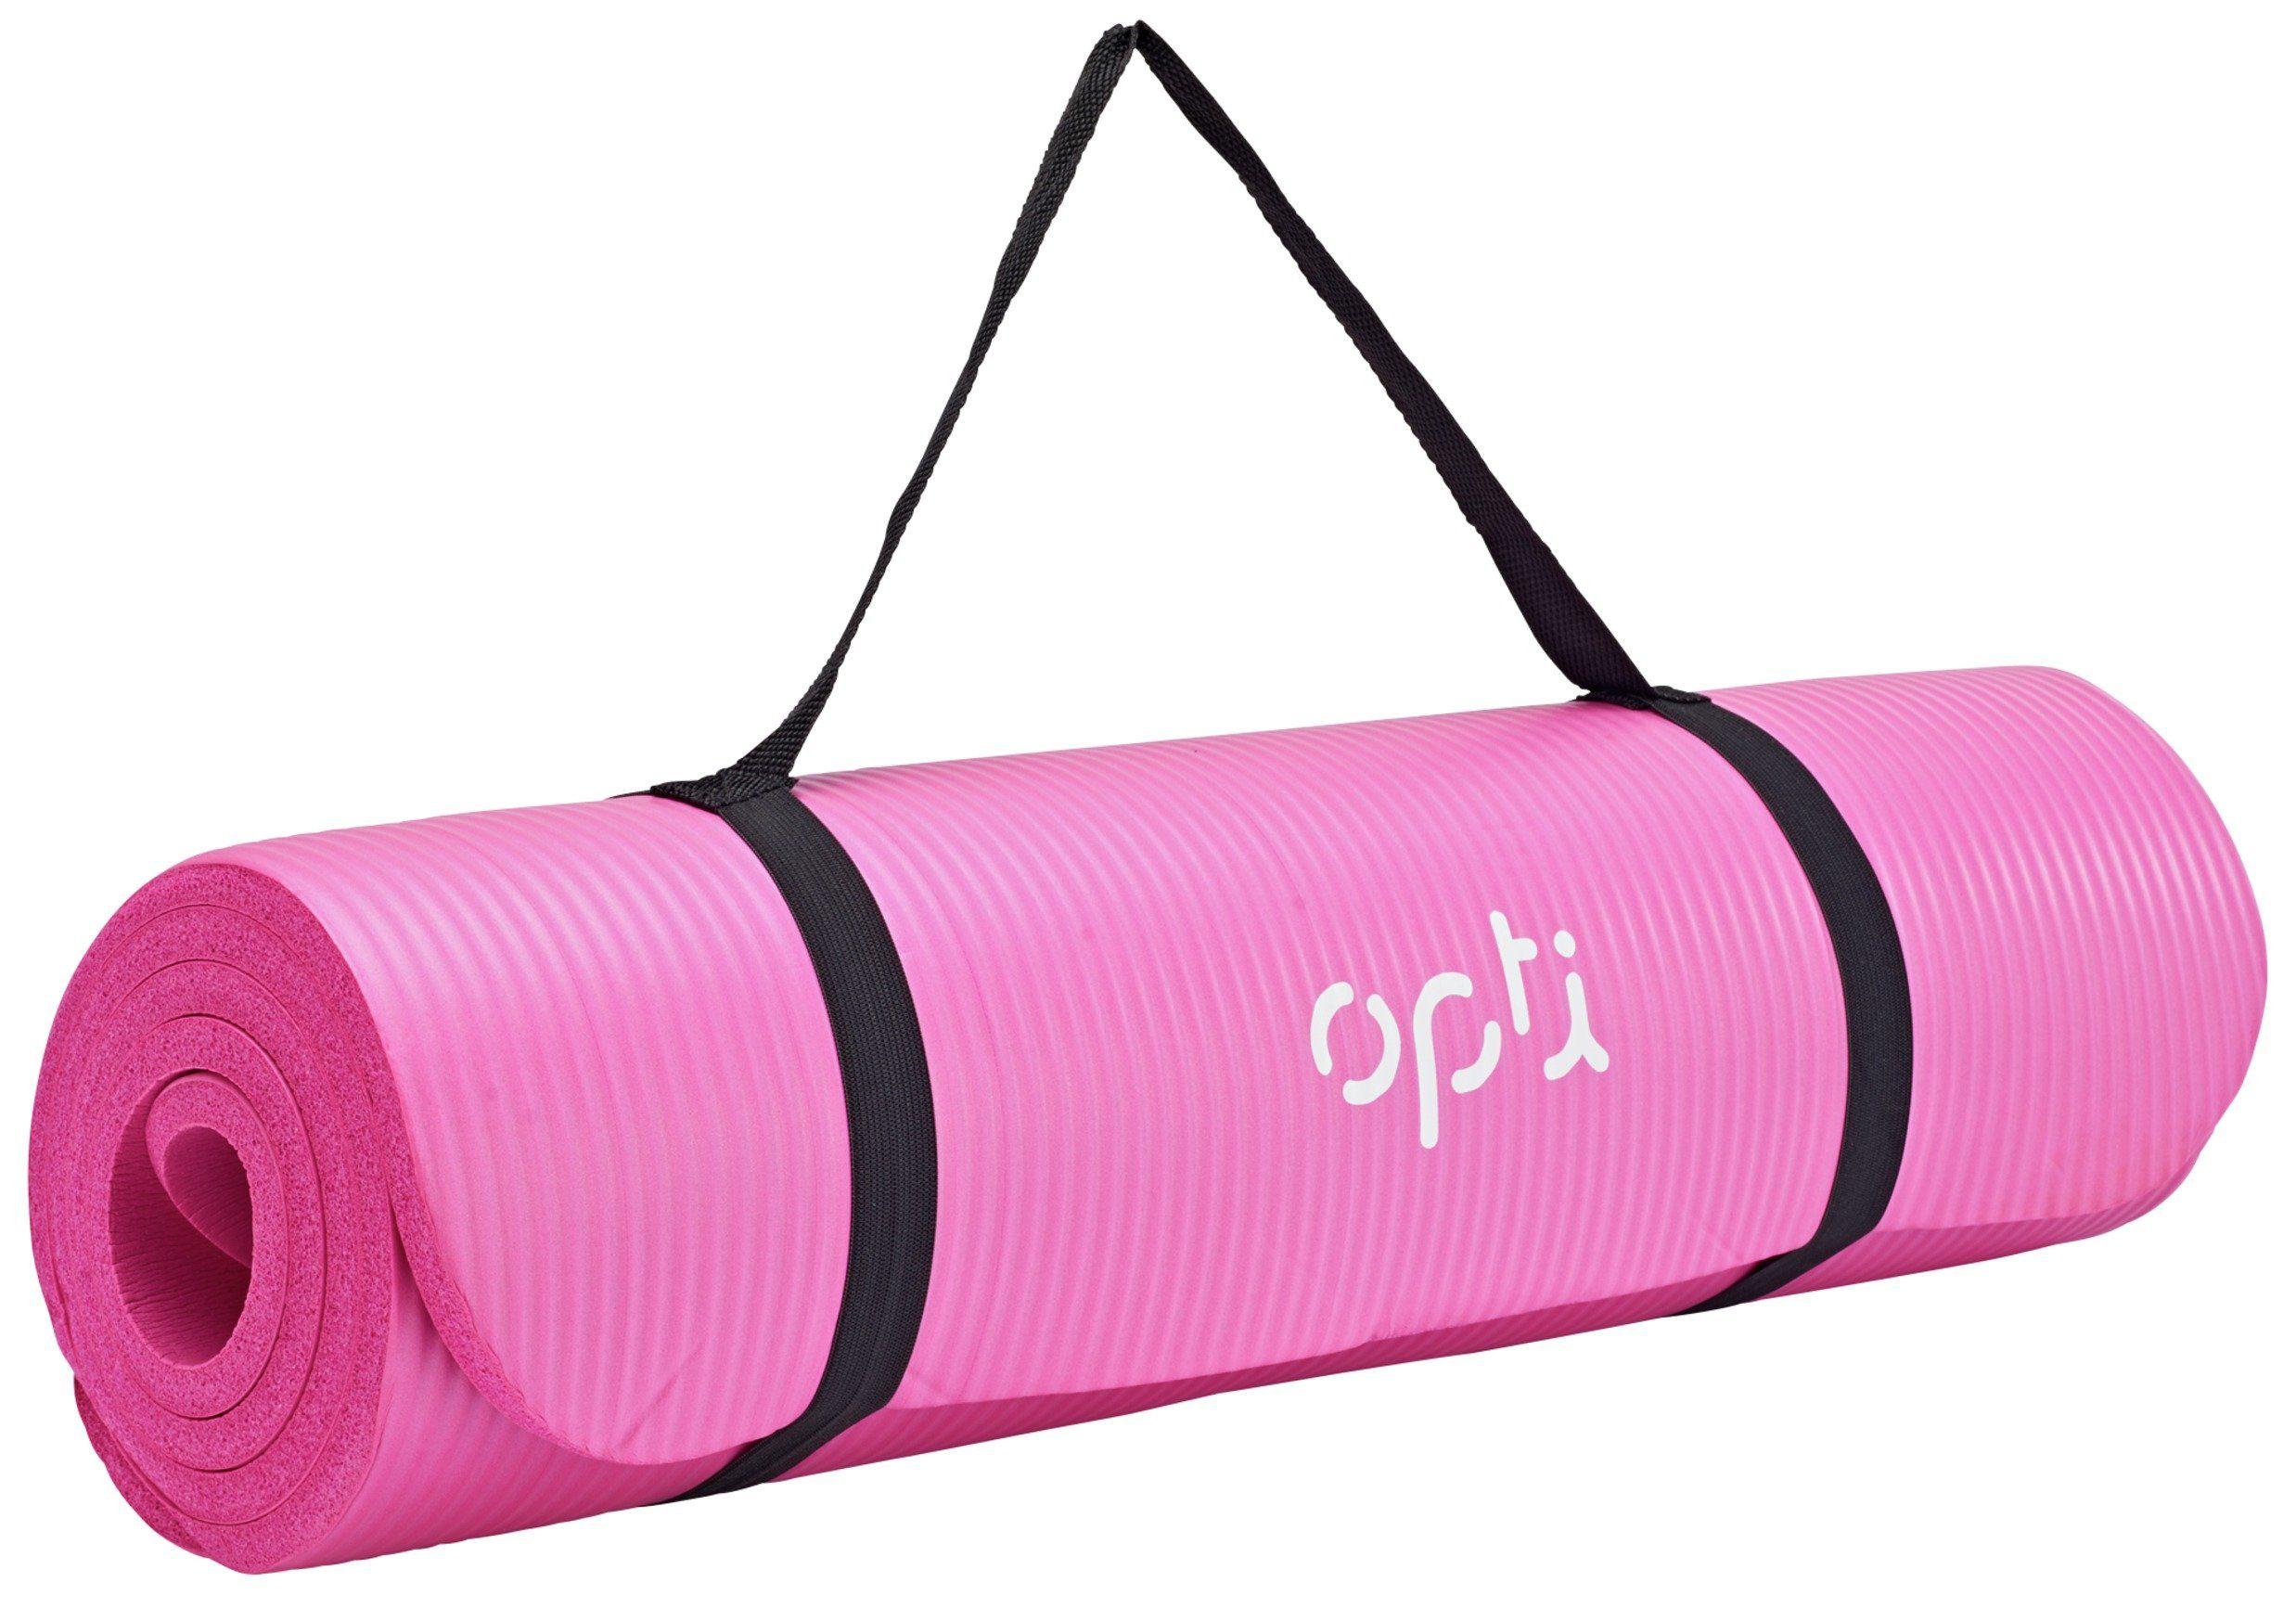 Opti Exercise Mat